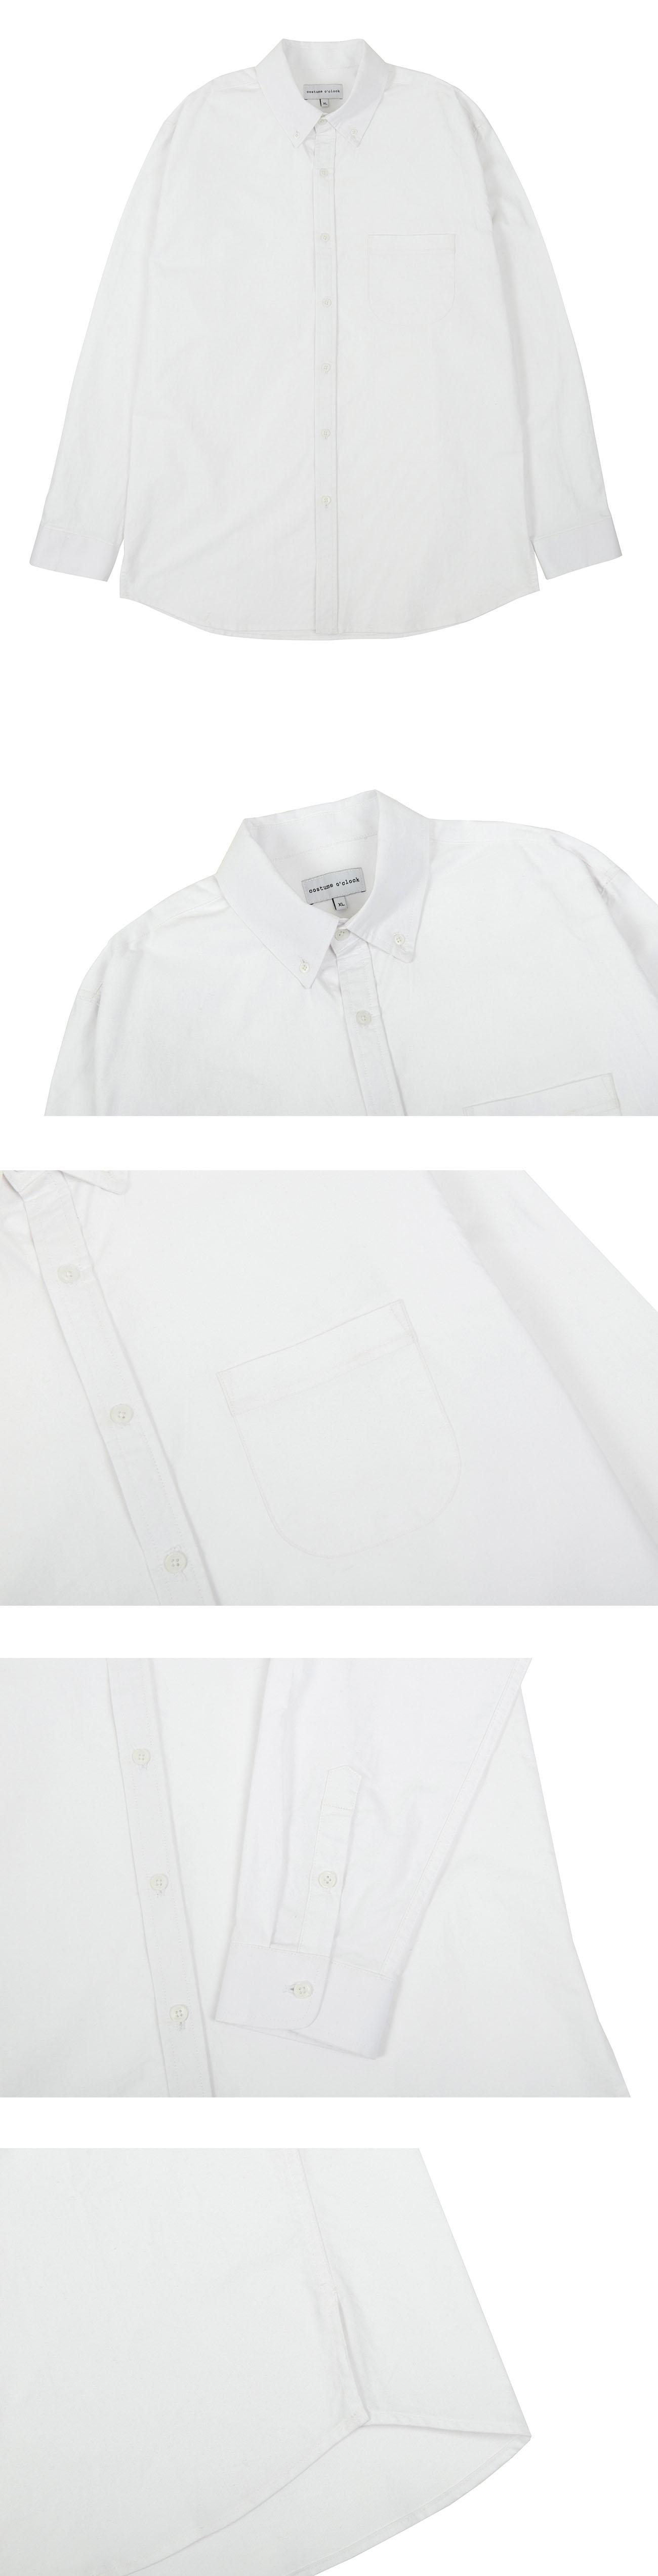 커스텀어클락(COSTUME O'CLOCK) 옥스포드 베이직 셔츠 화이트